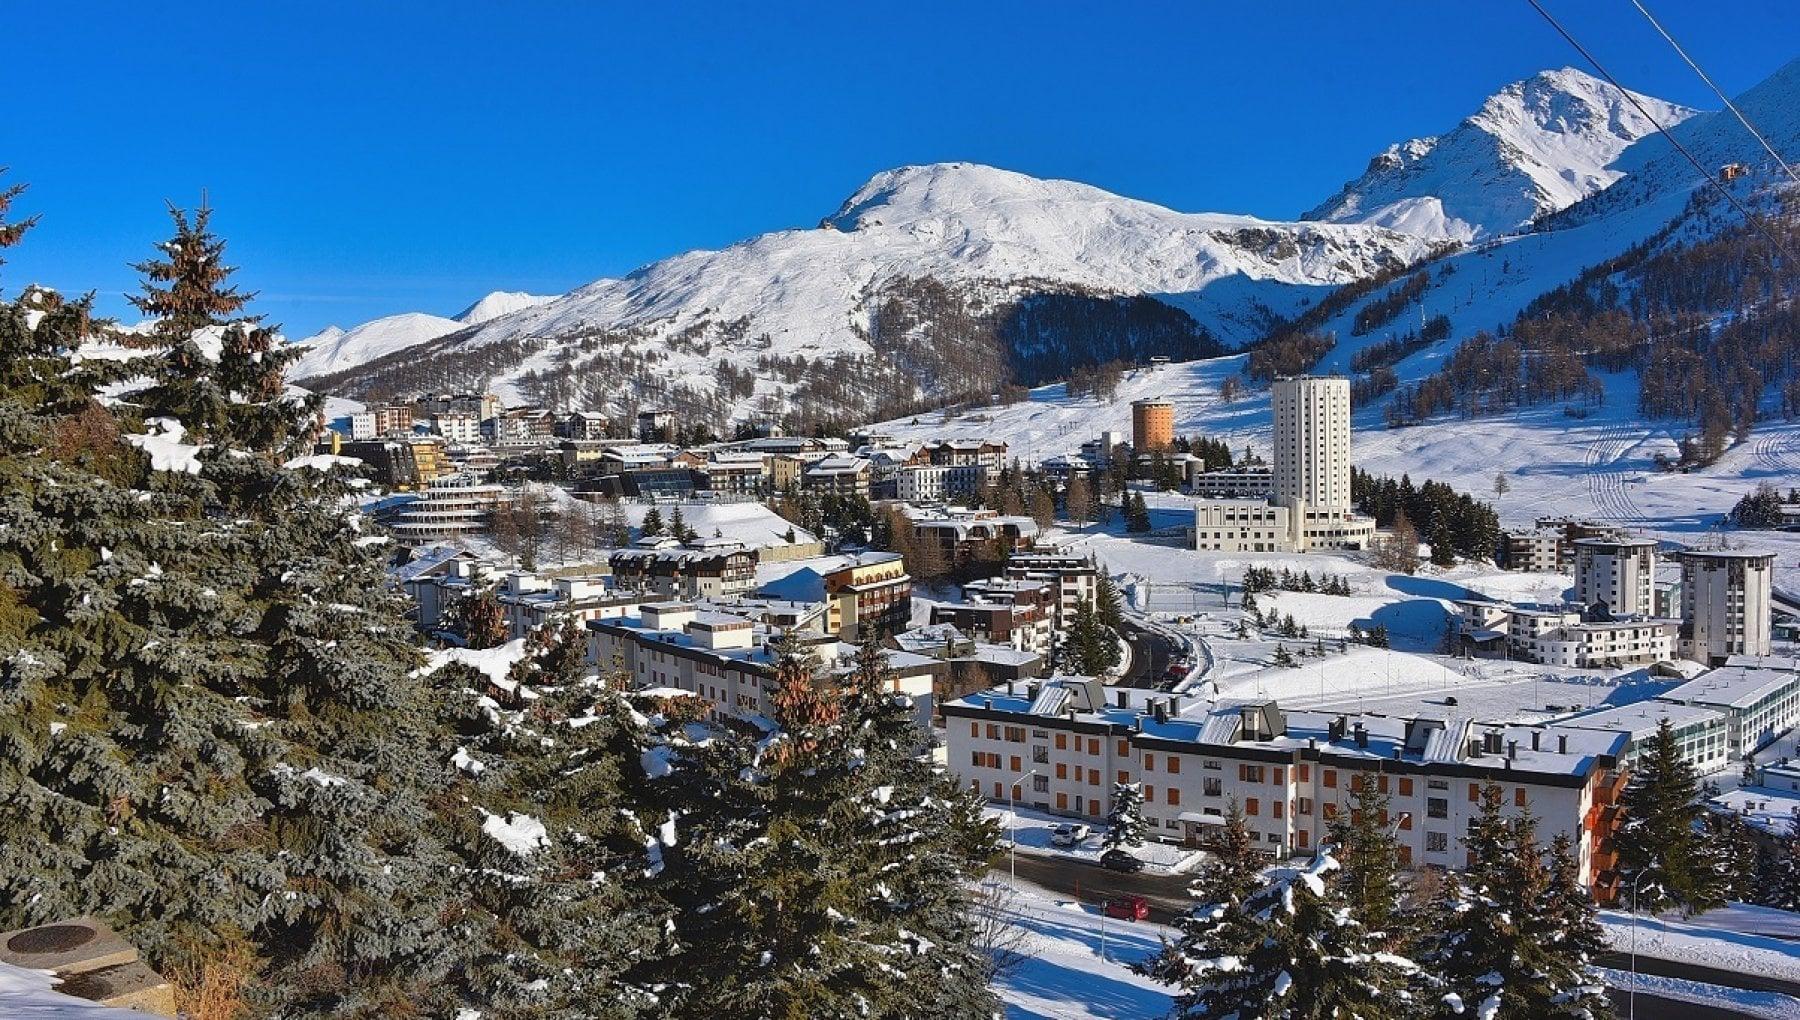 Istat turismo presenze dimezzate nei primi 9 mesi del 2020 a rischio la stagione invernale